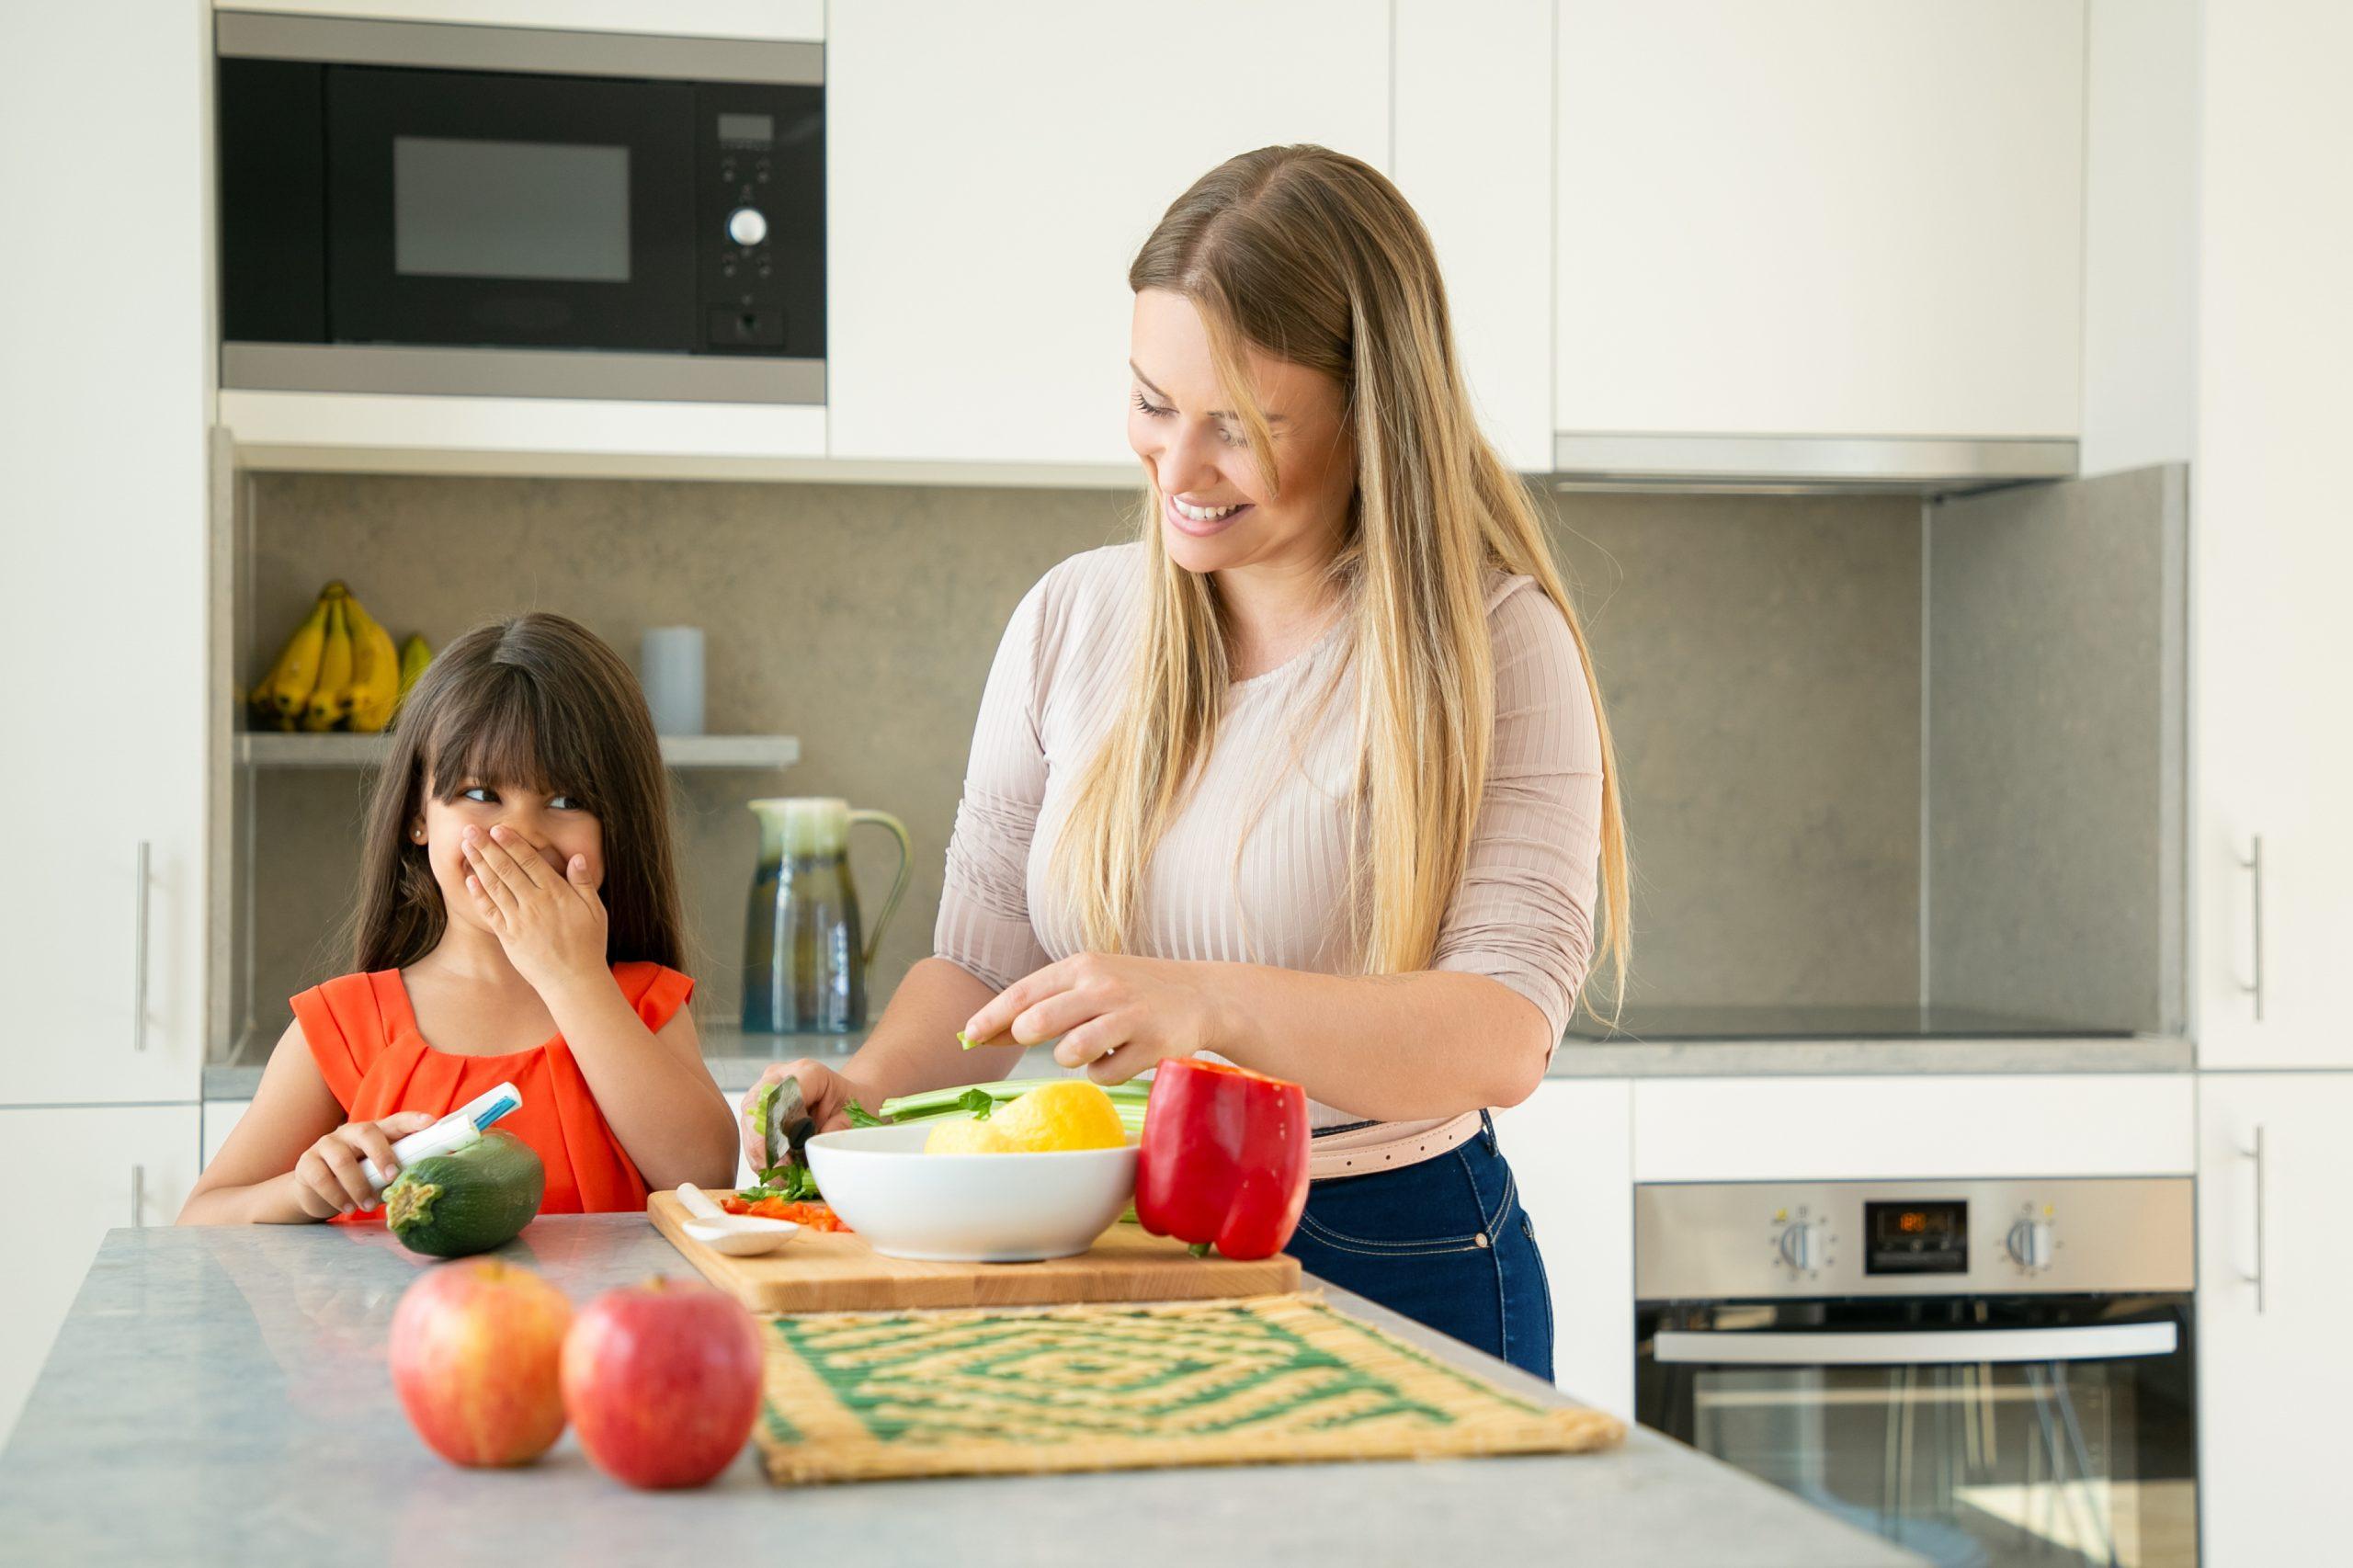 madre cocinando con hija